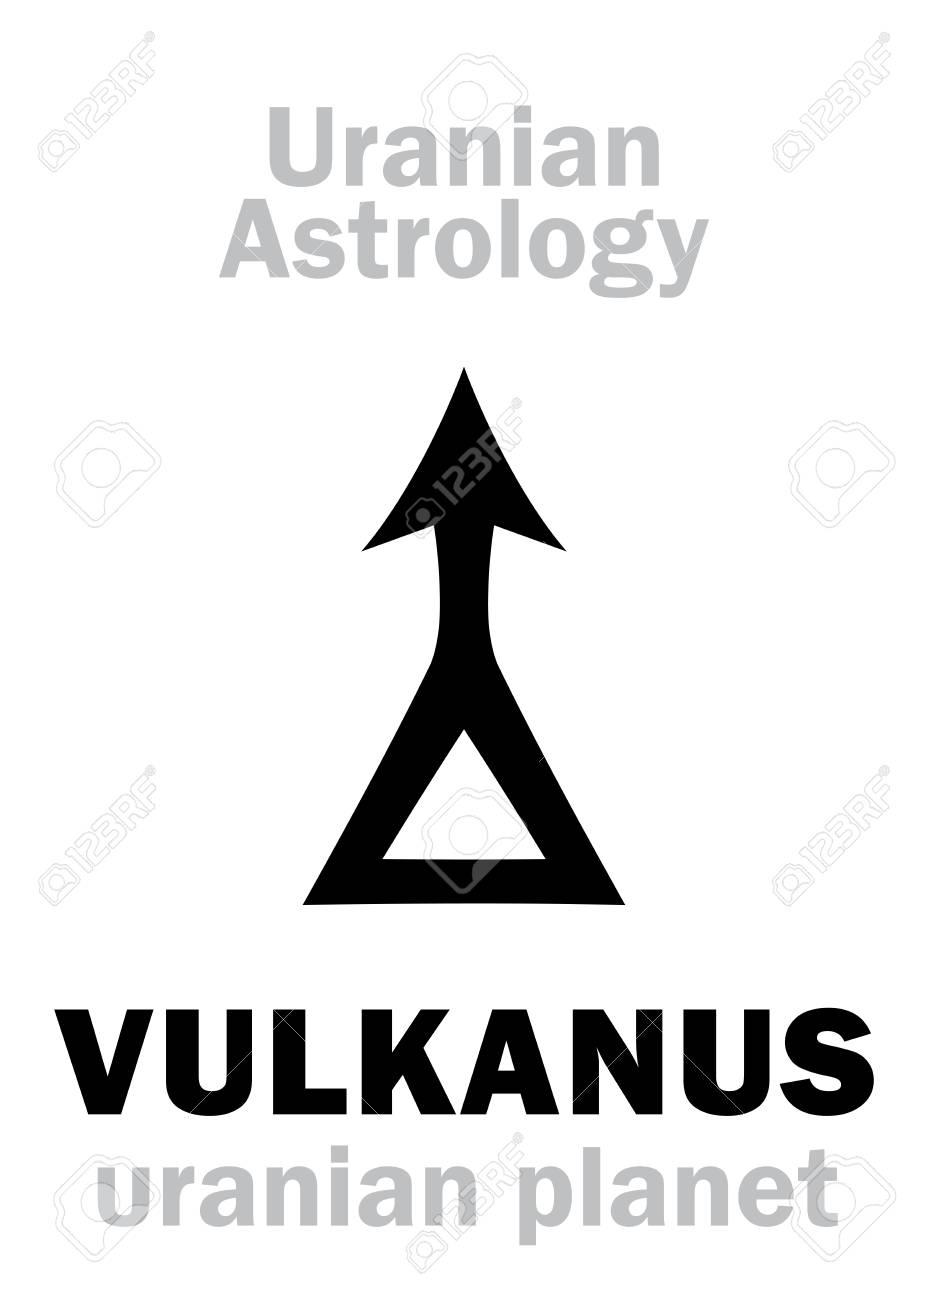 uranian astrology symbols